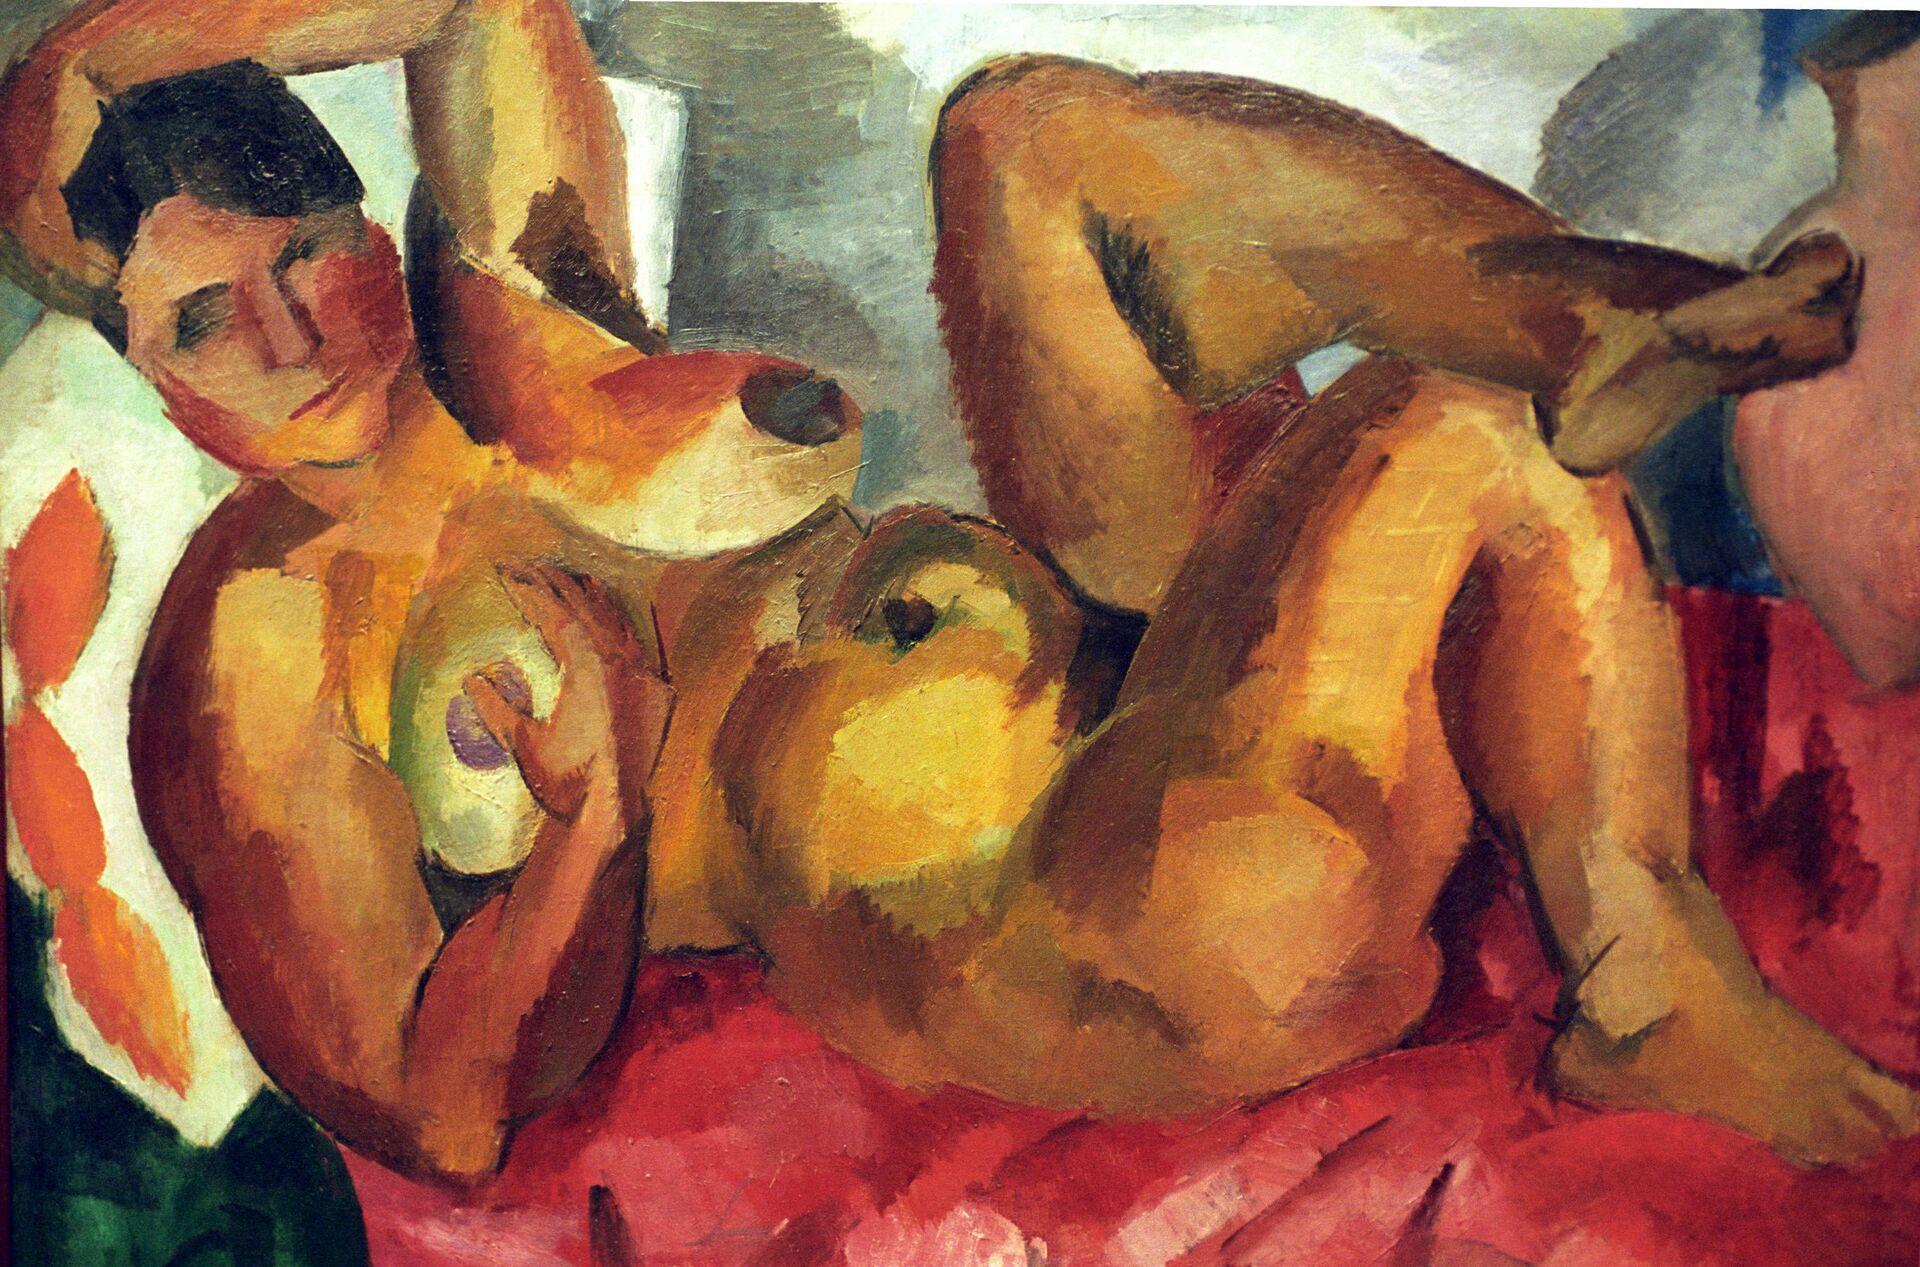 Картина Роберта Фалька Обнаженная. Крым, 1916 год  - РИА Новости, 1920, 14.05.2021